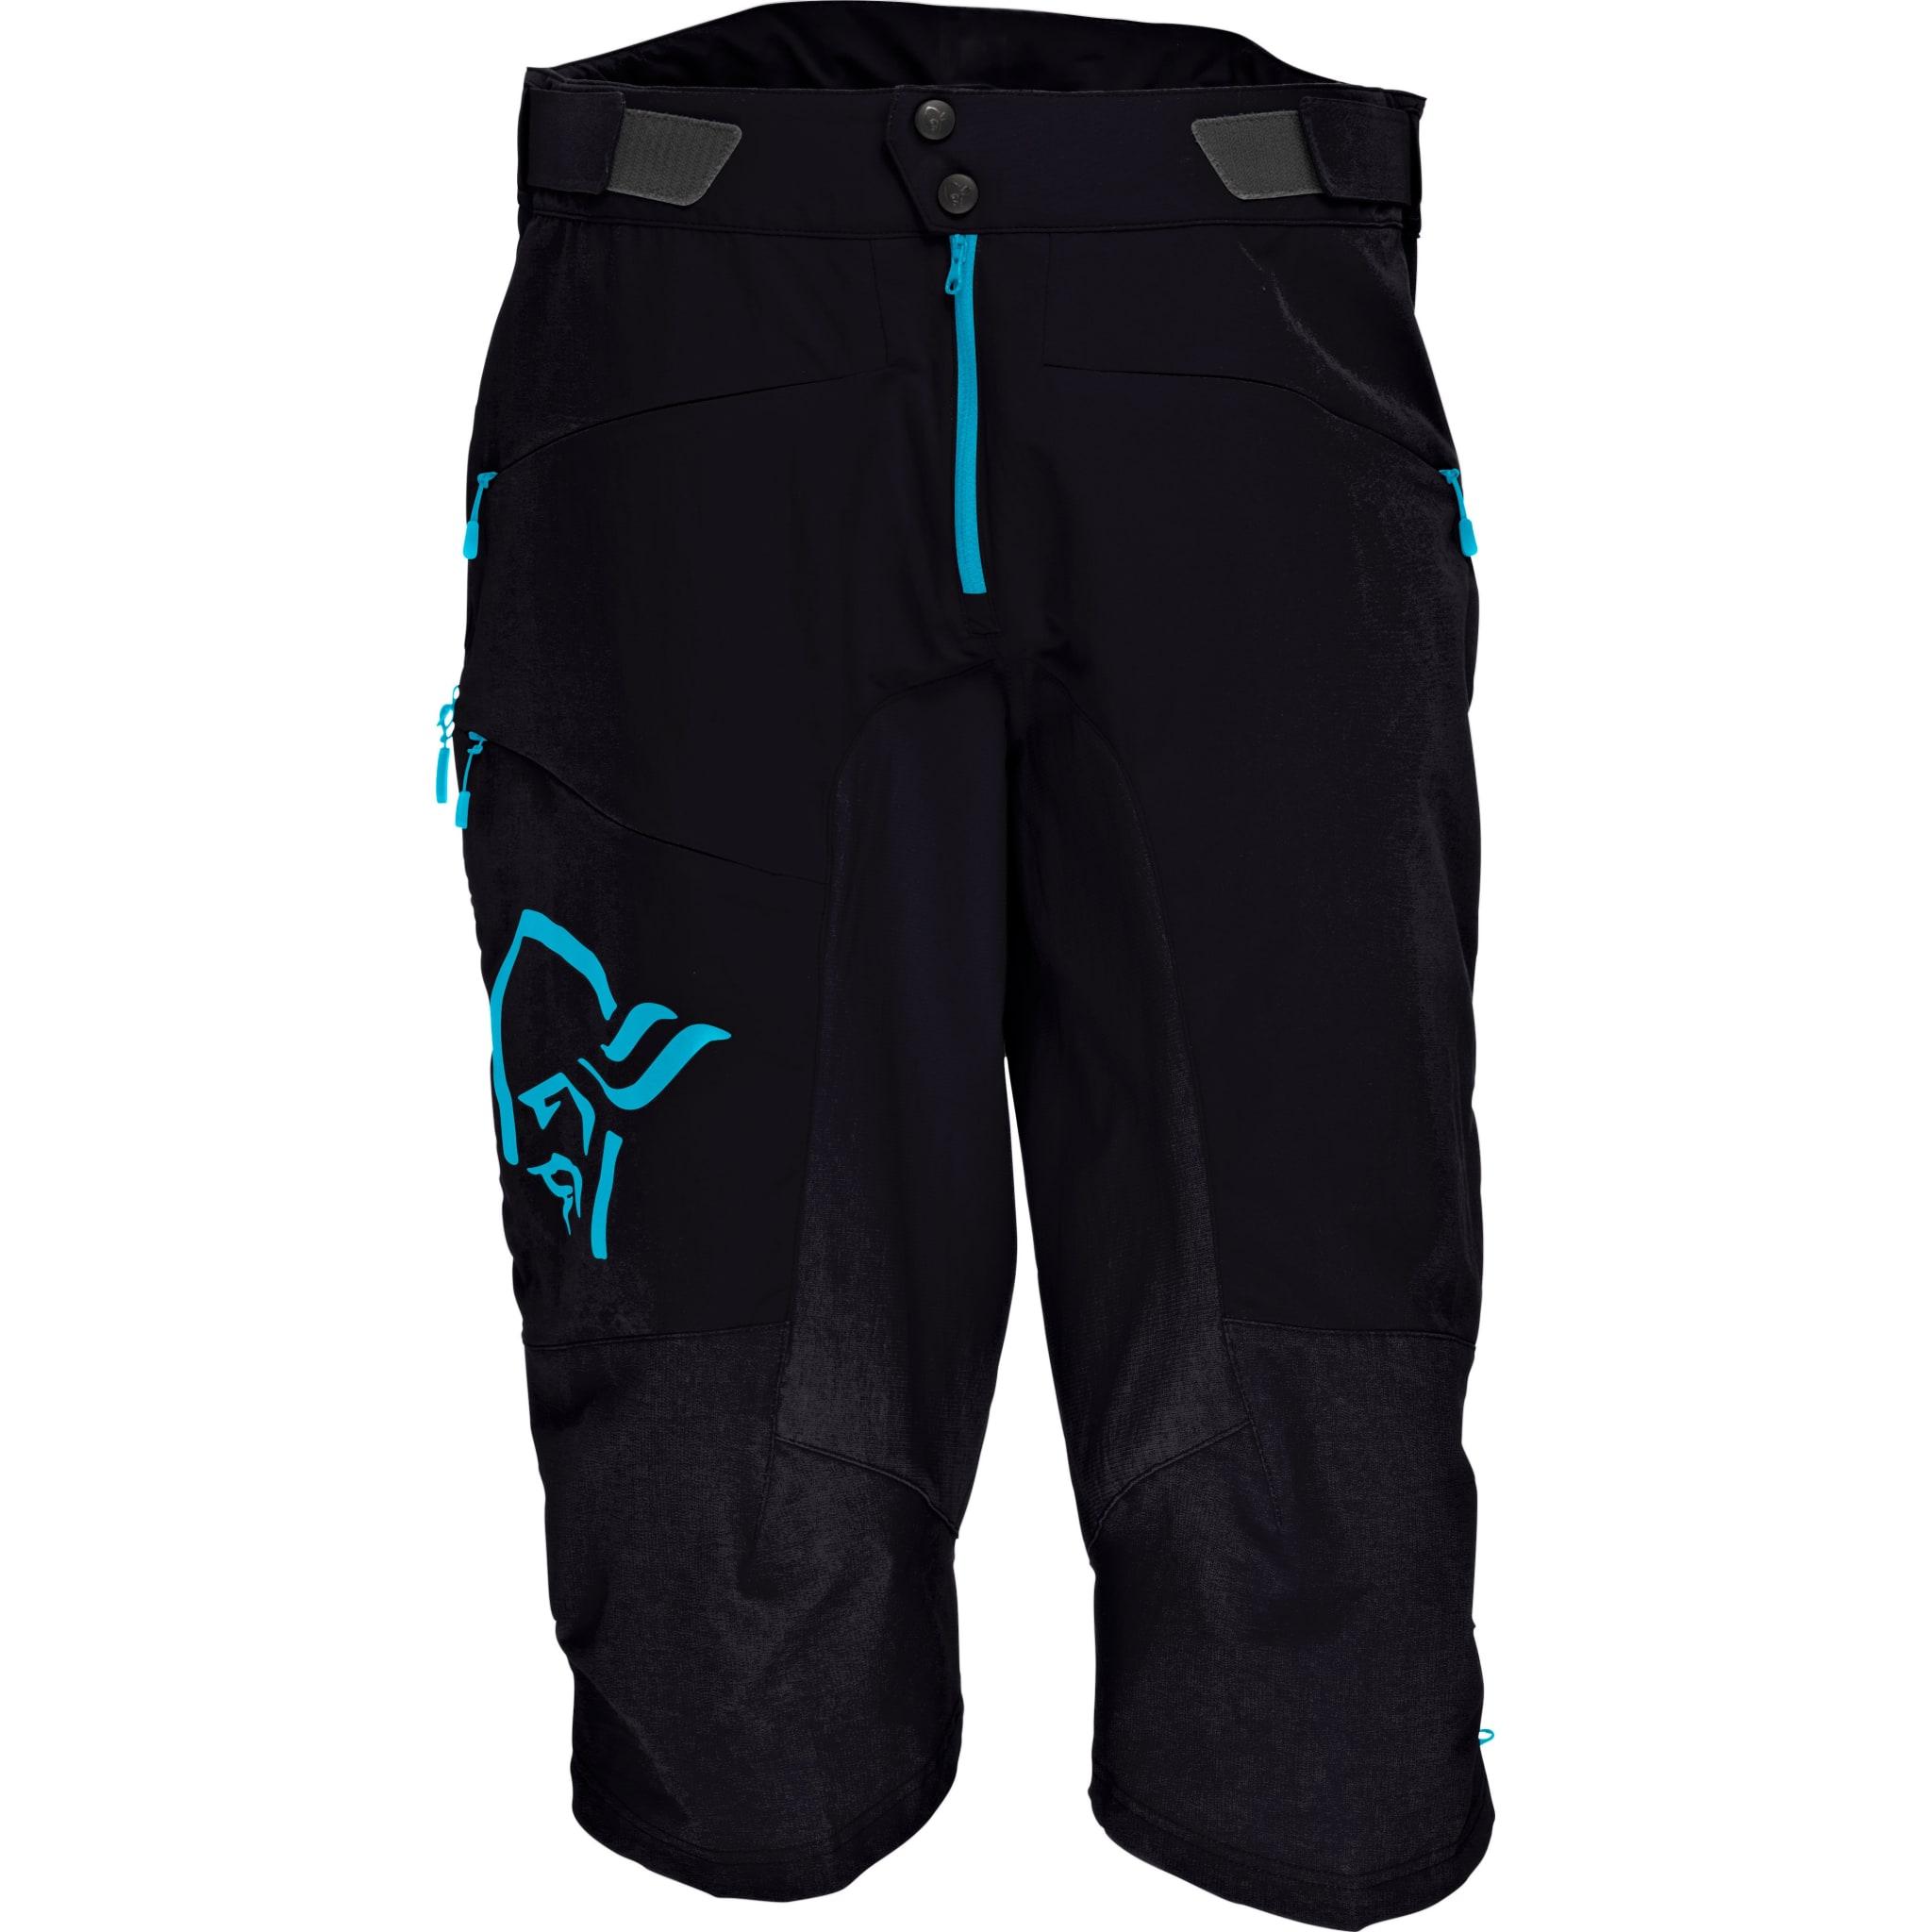 Teknisk og kompromissløs shorts til krevende stisykling